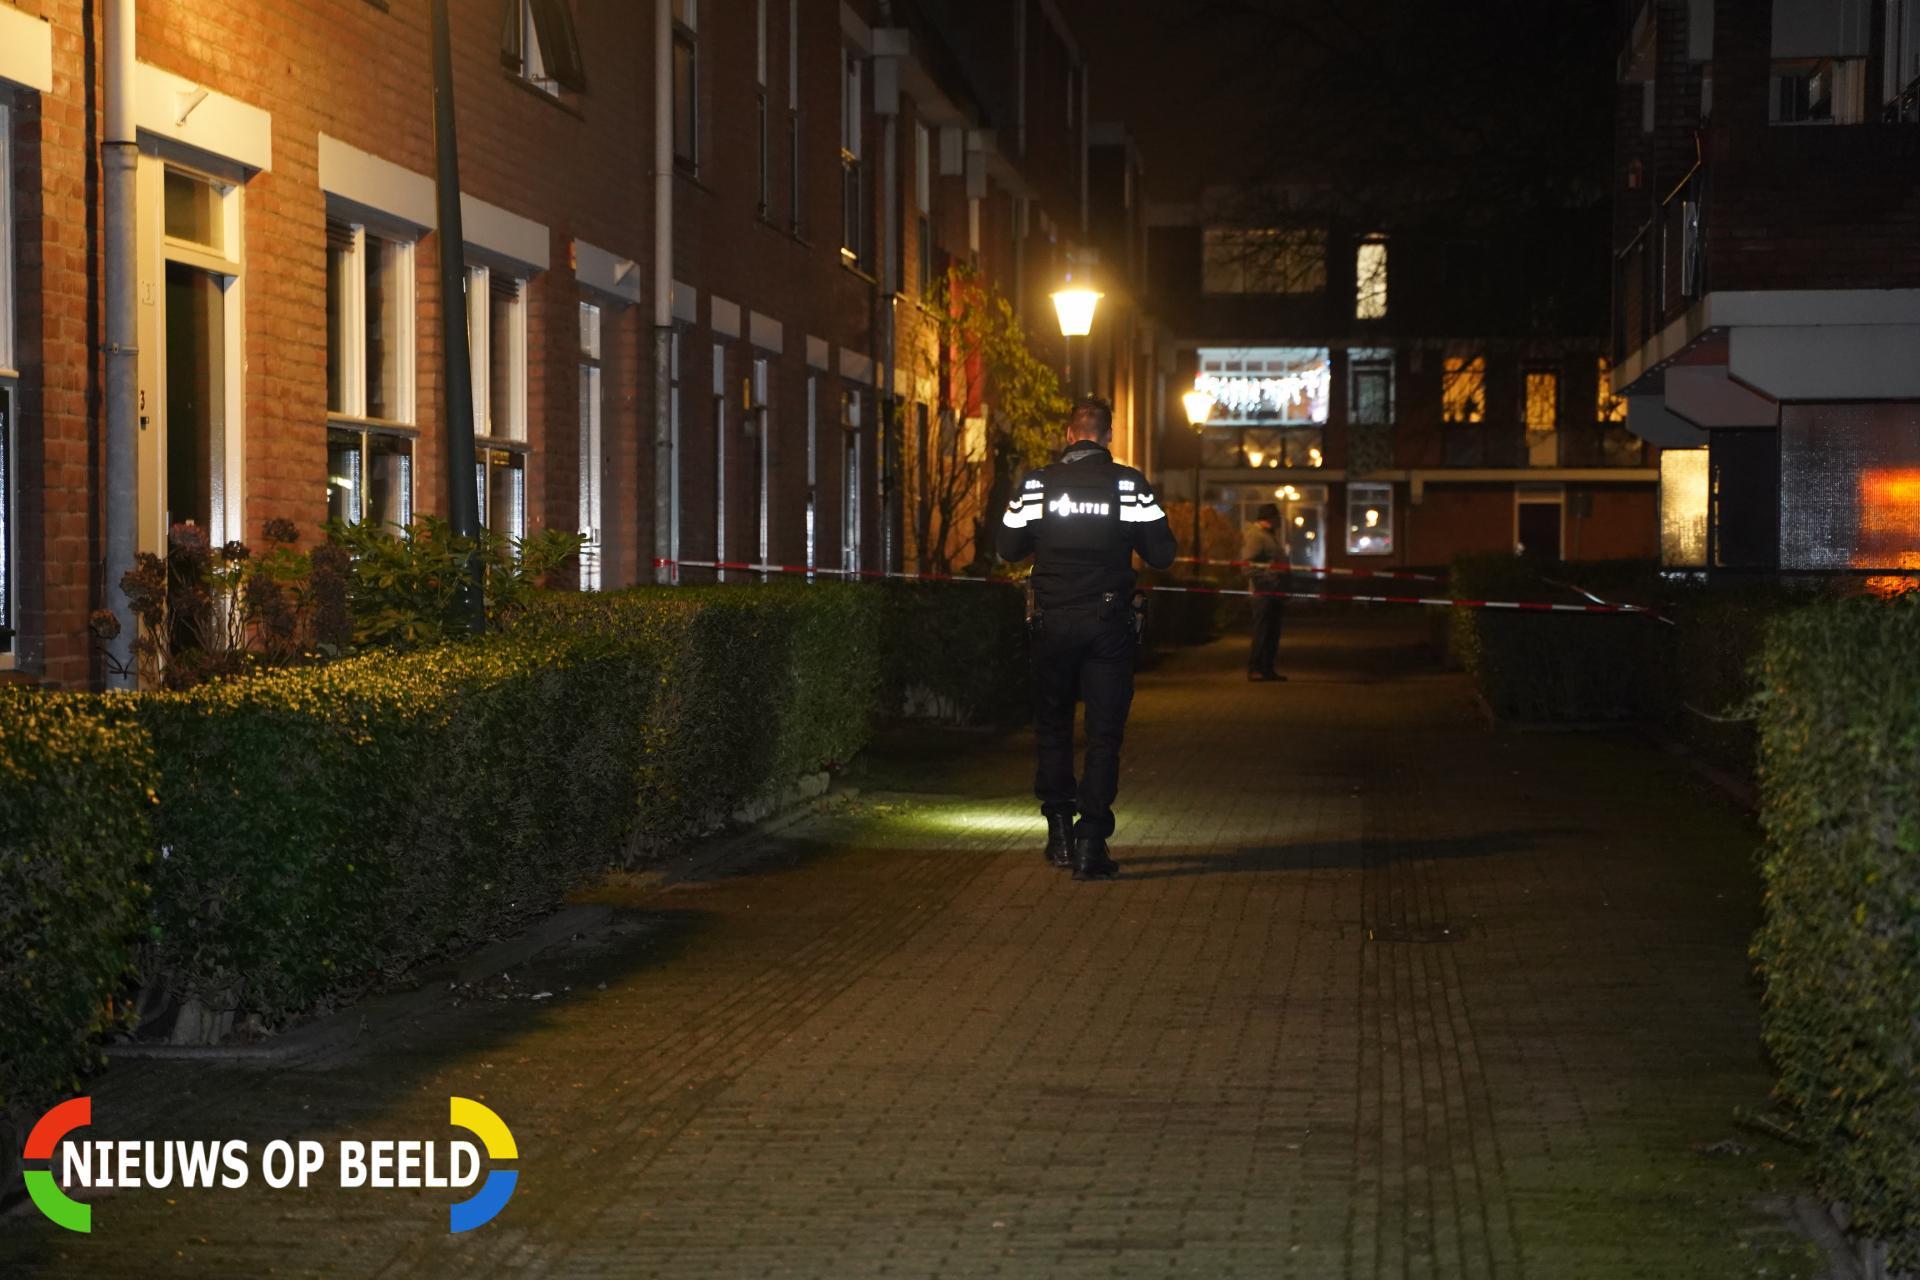 Tweede aanhouding in onderzoek fataal schietincident Schiedam